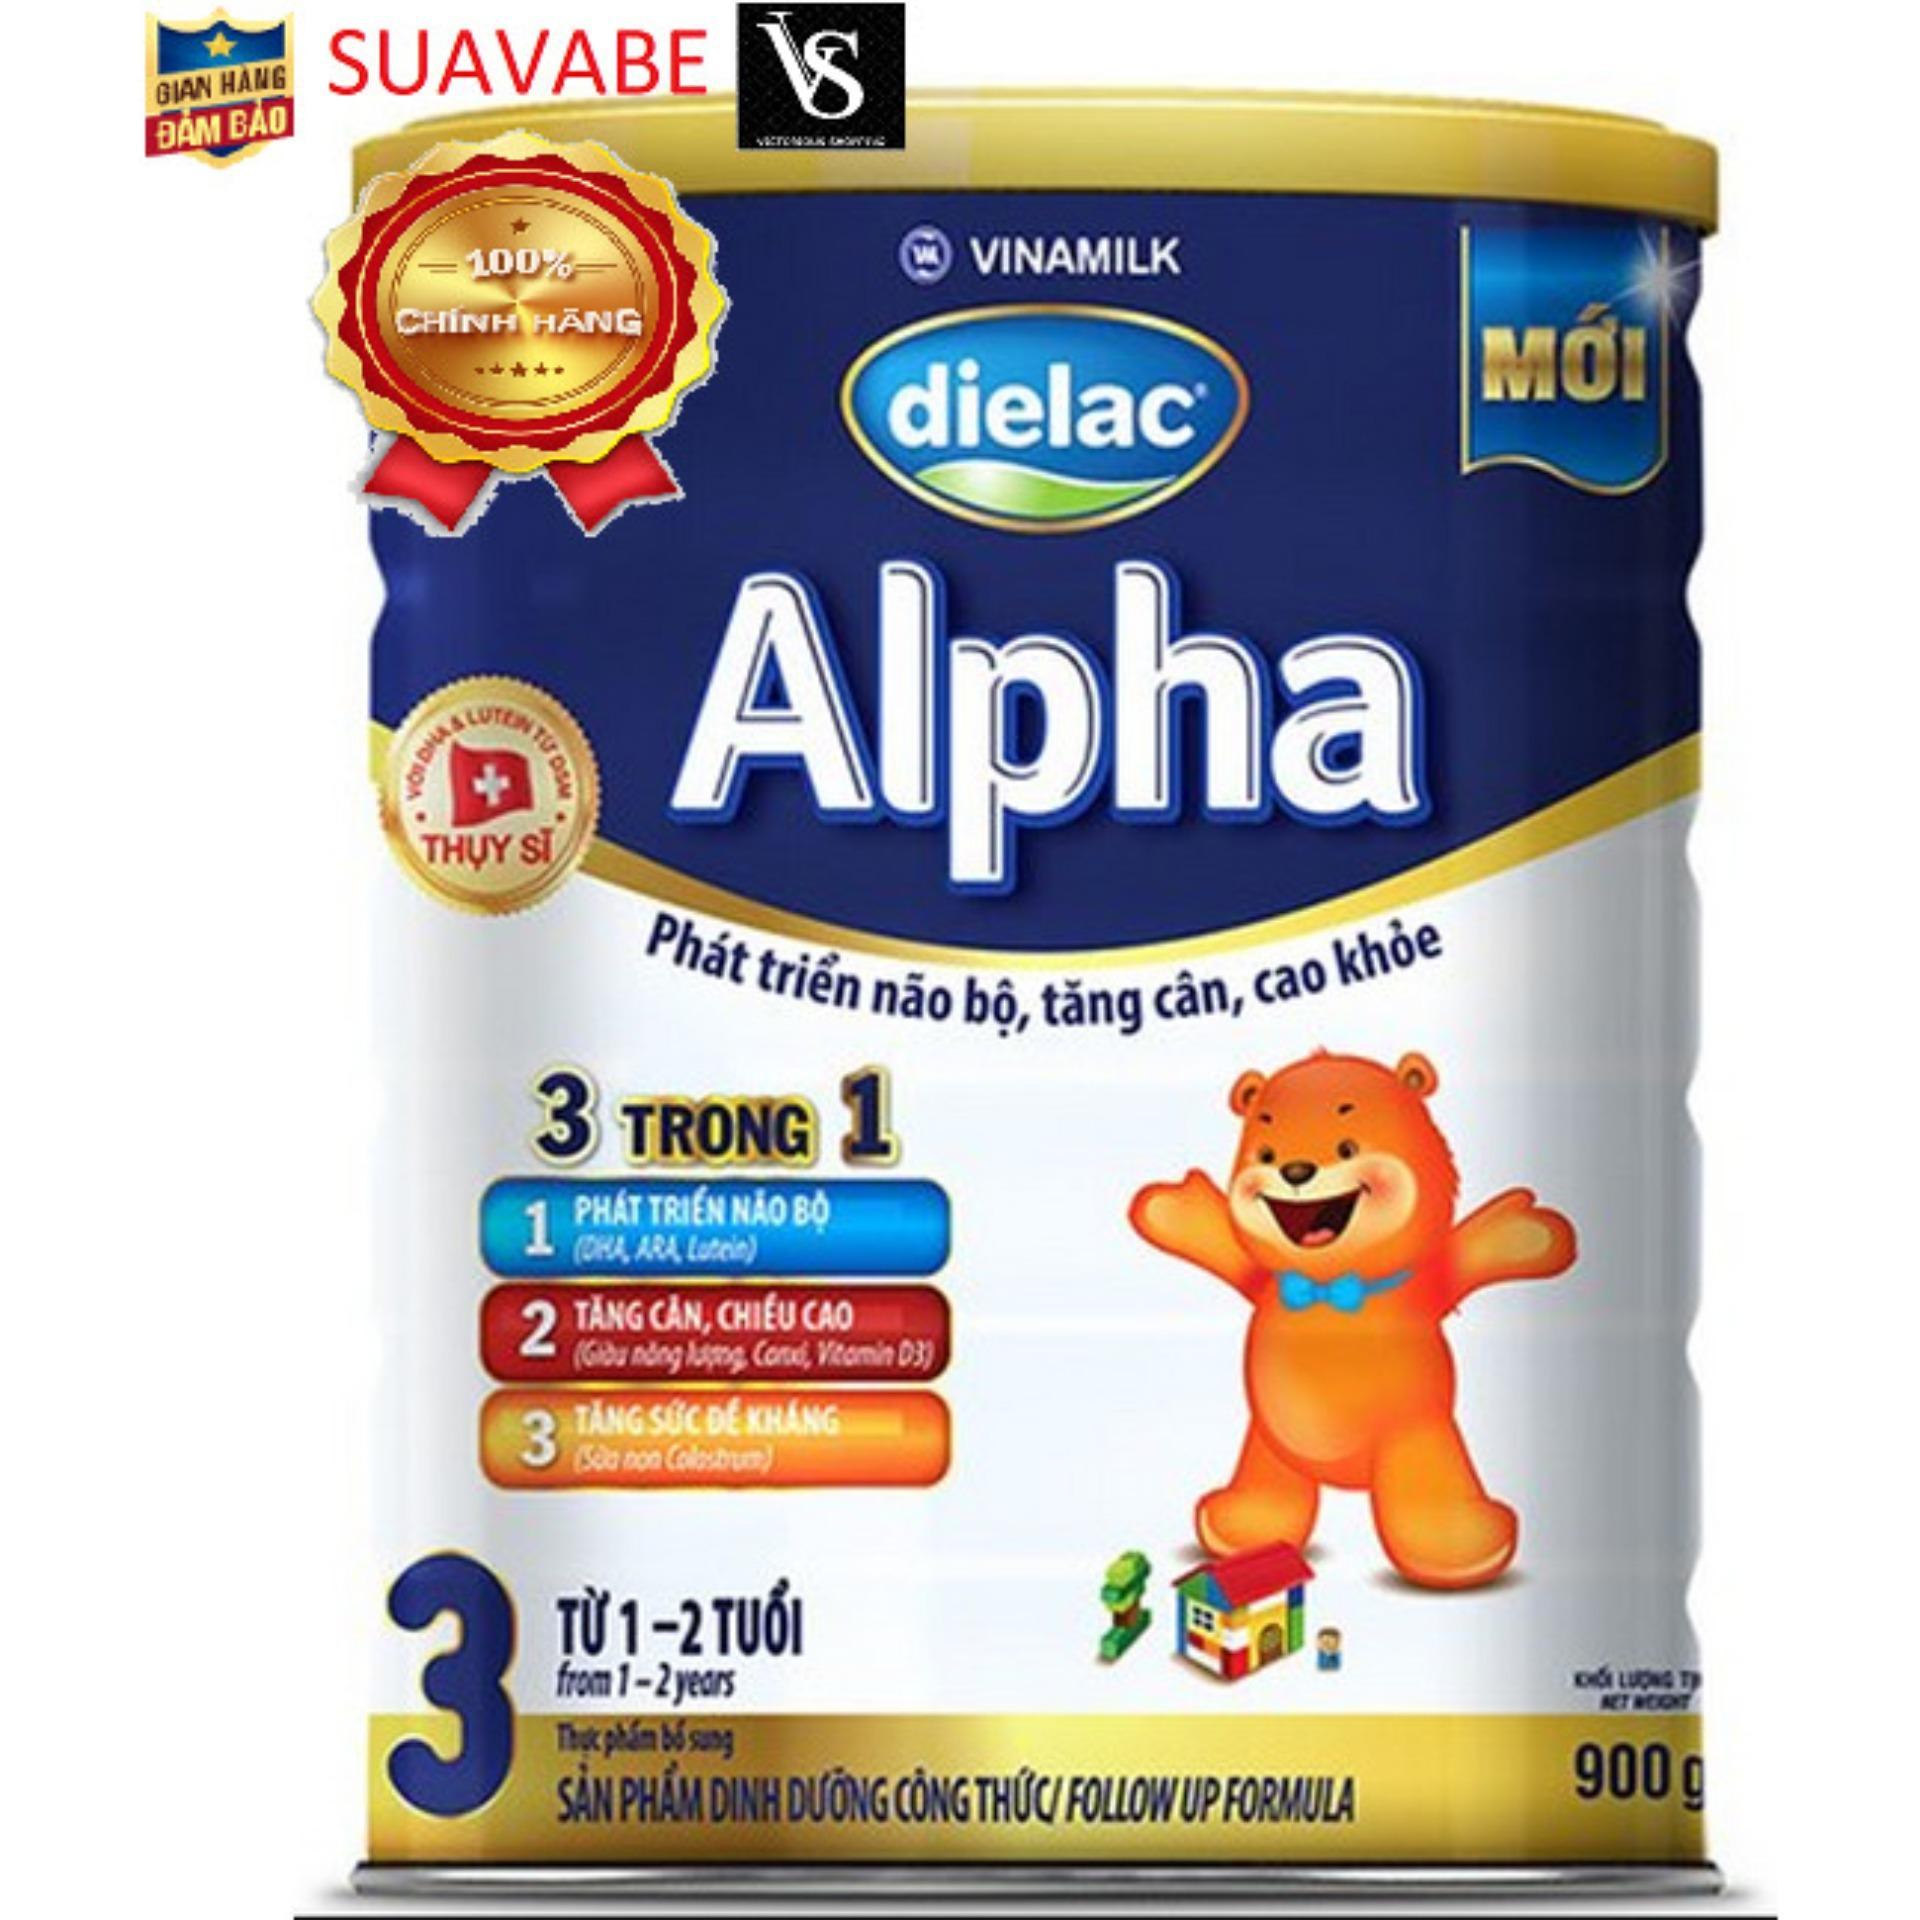 Sữa Dielac Alpha Step 3 - Vinamilk - 900g